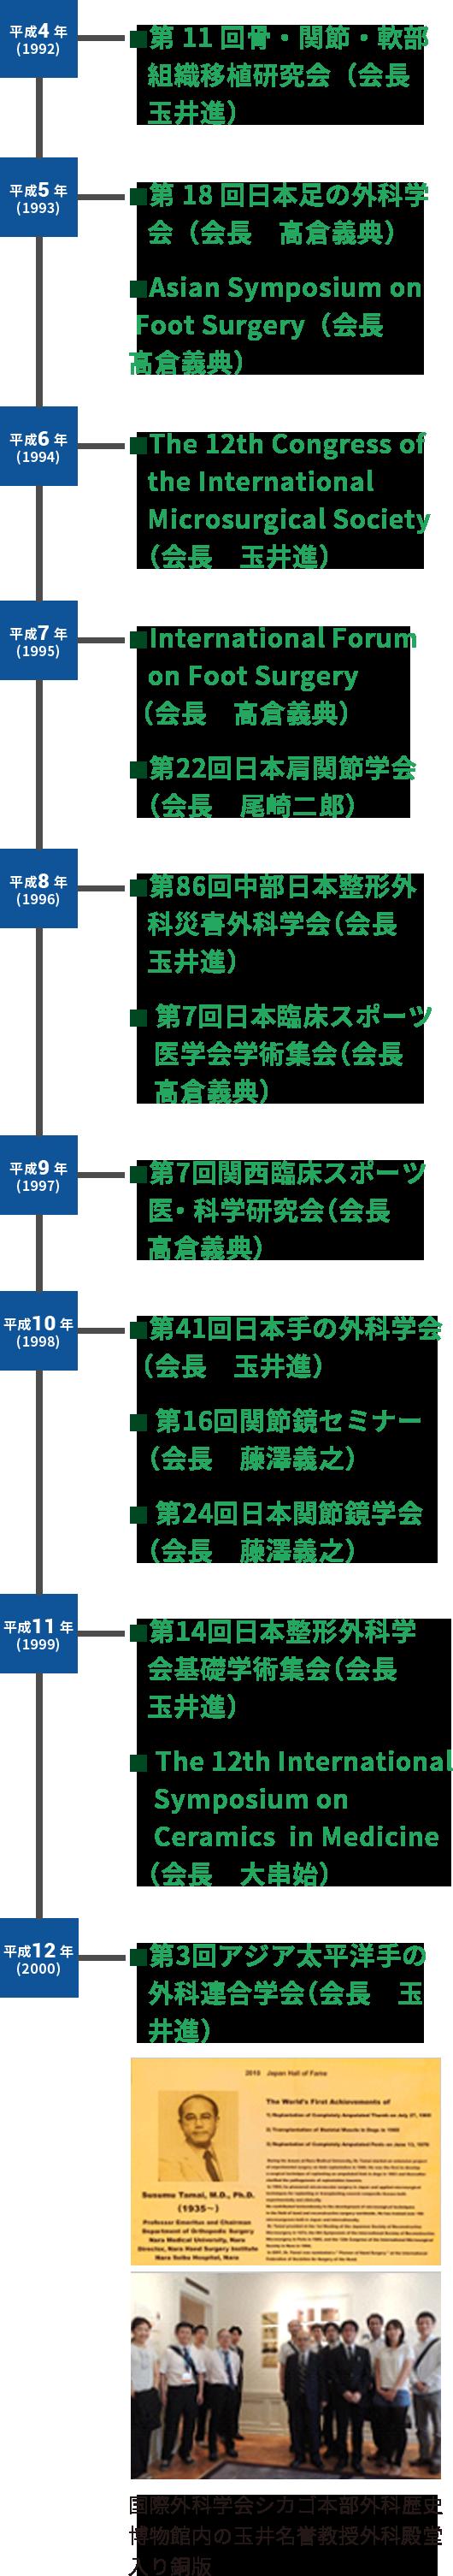 玉井進教授の年表